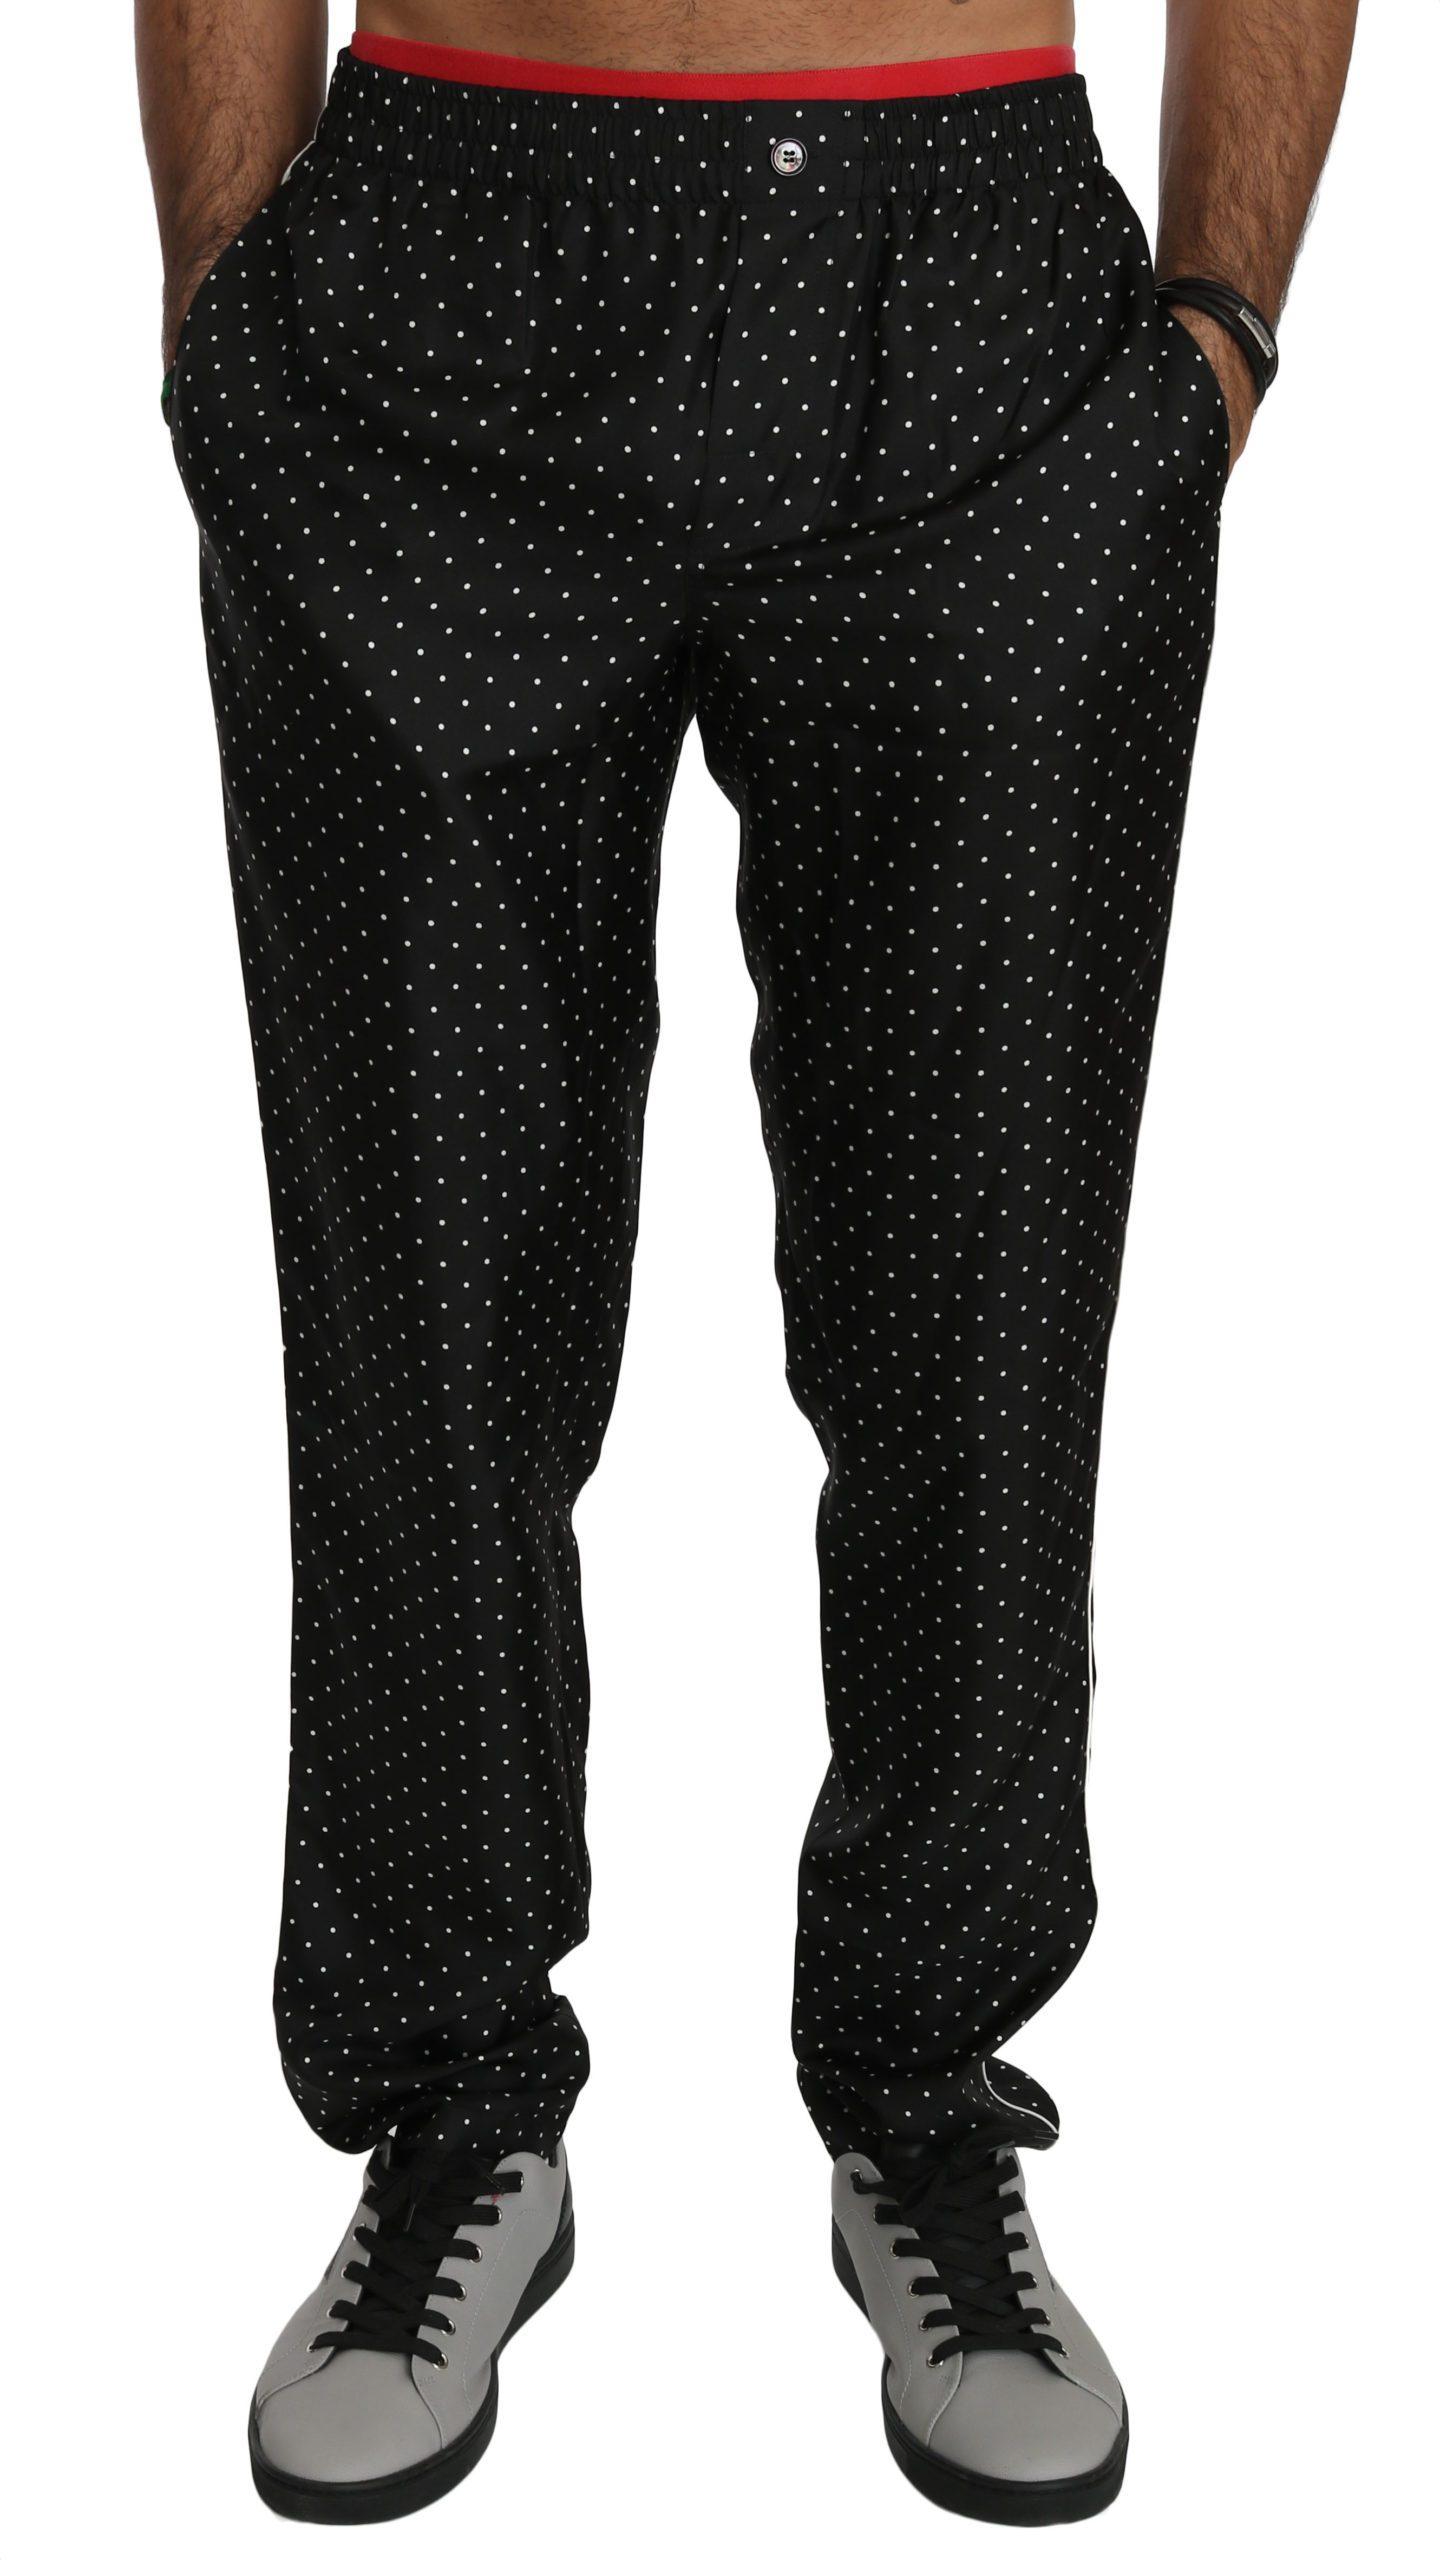 Dolce & Gabbana Men's Polka Dots Silk Trouser Black PAN70749 - IT46 | S